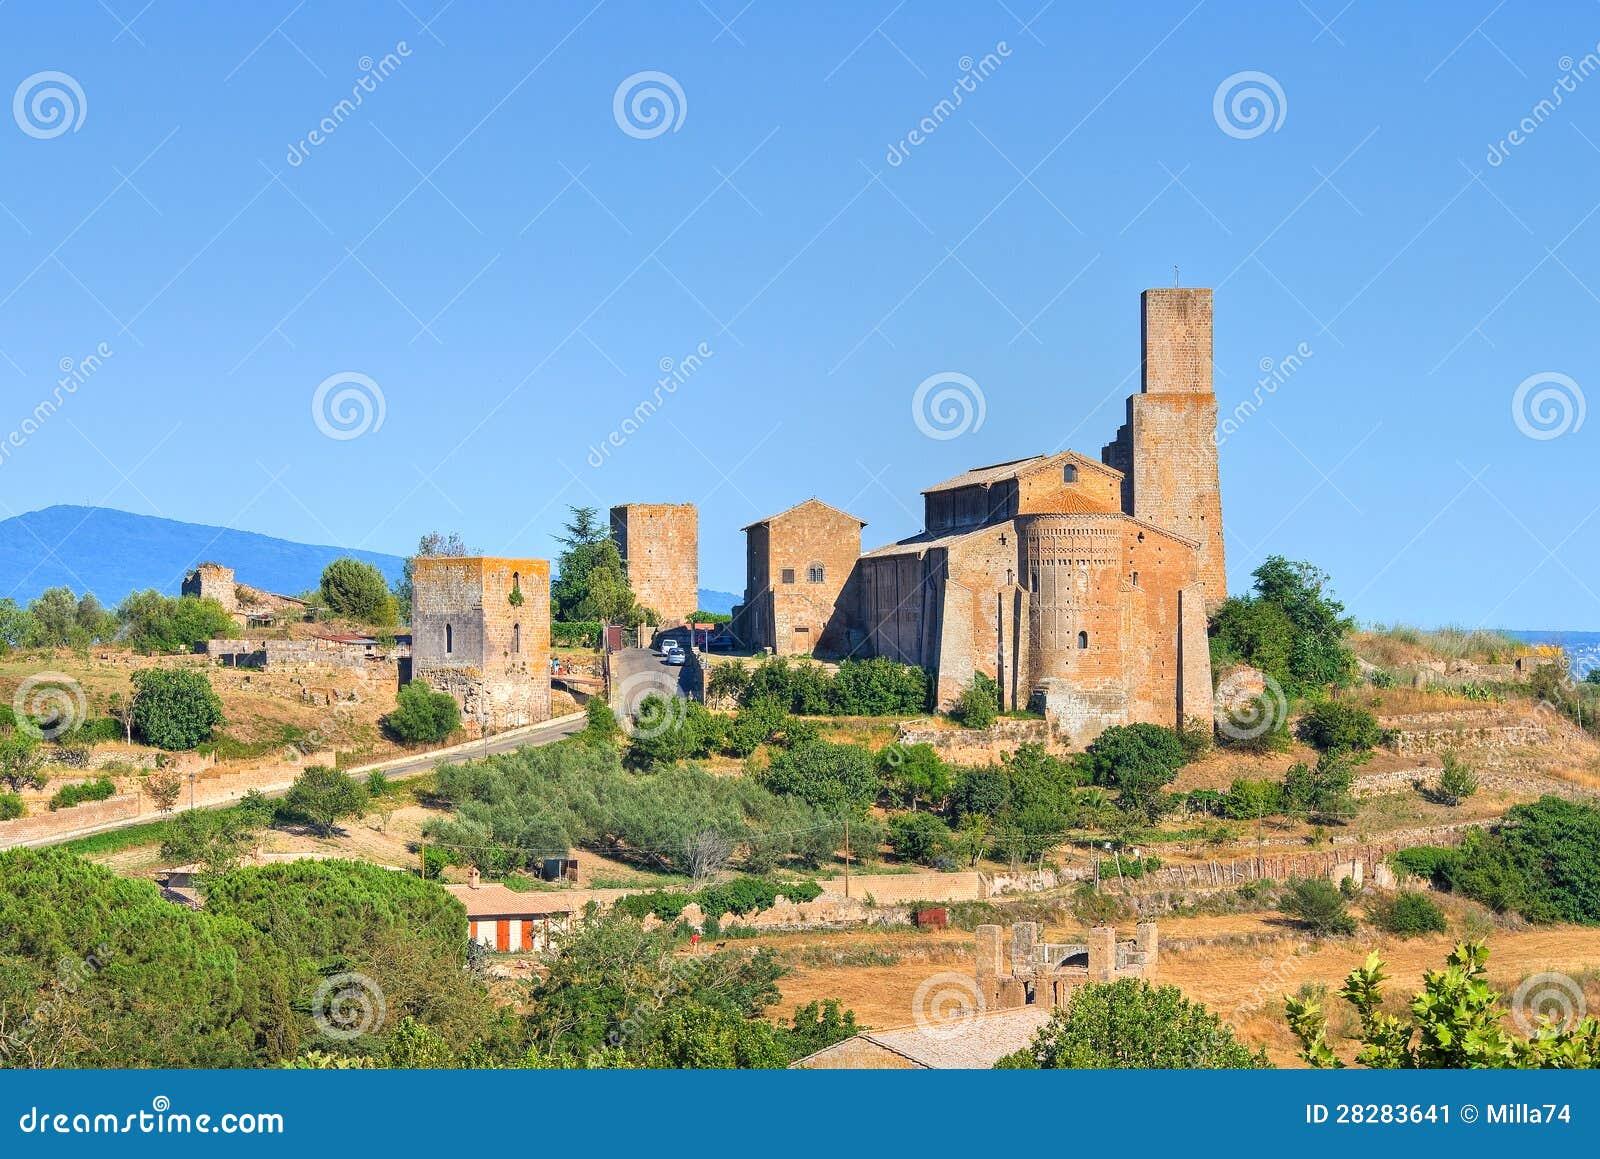 Πανοραμική όψη Tuscania. Λάτσιο. Ιταλία.